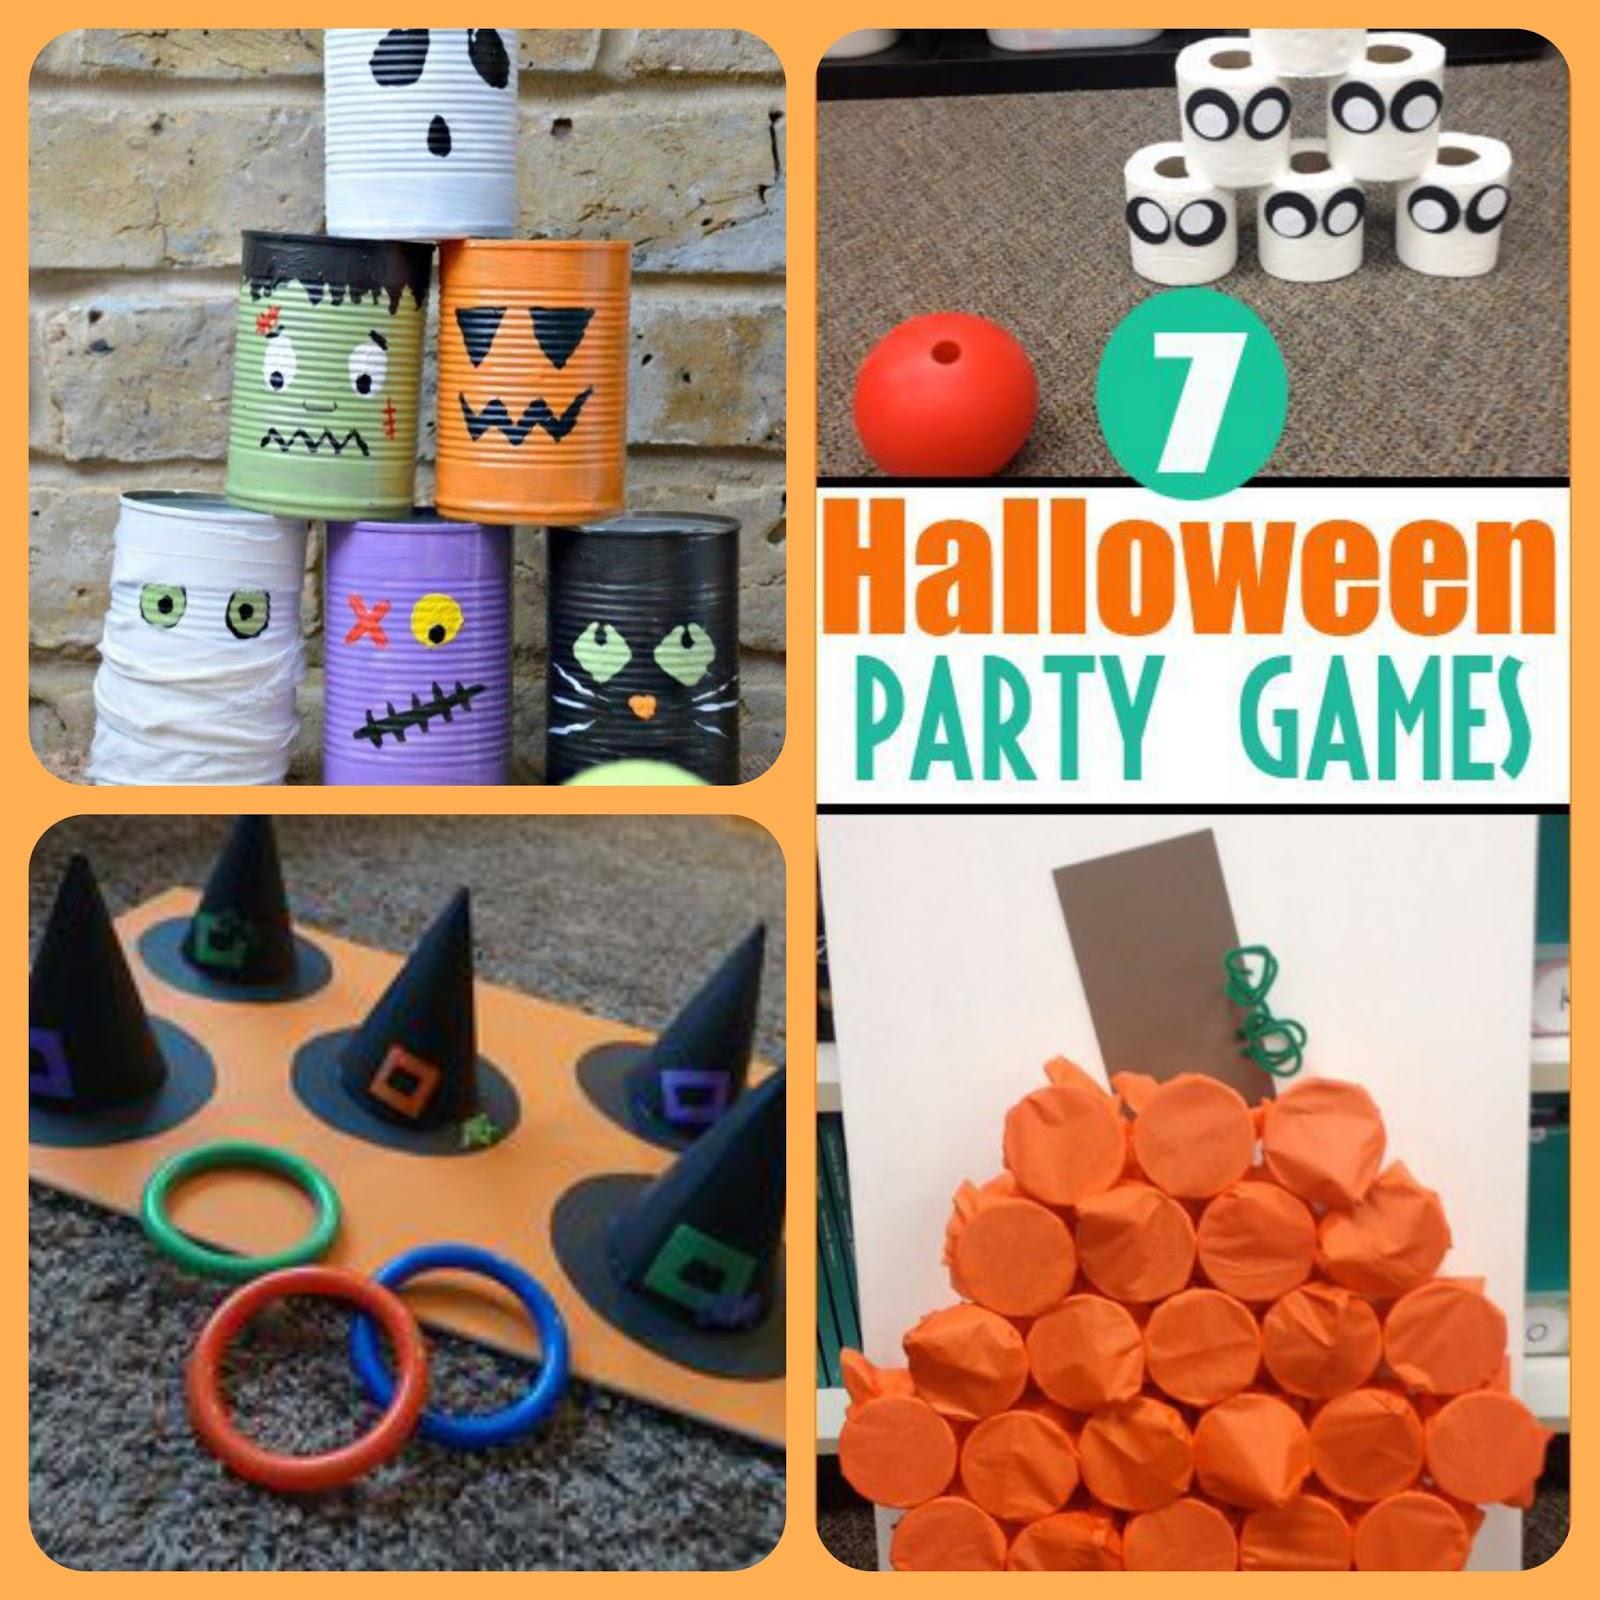 si os animis a celebrar una fiesta en casa os dejamos algunos juegos para entretener a los ms peques